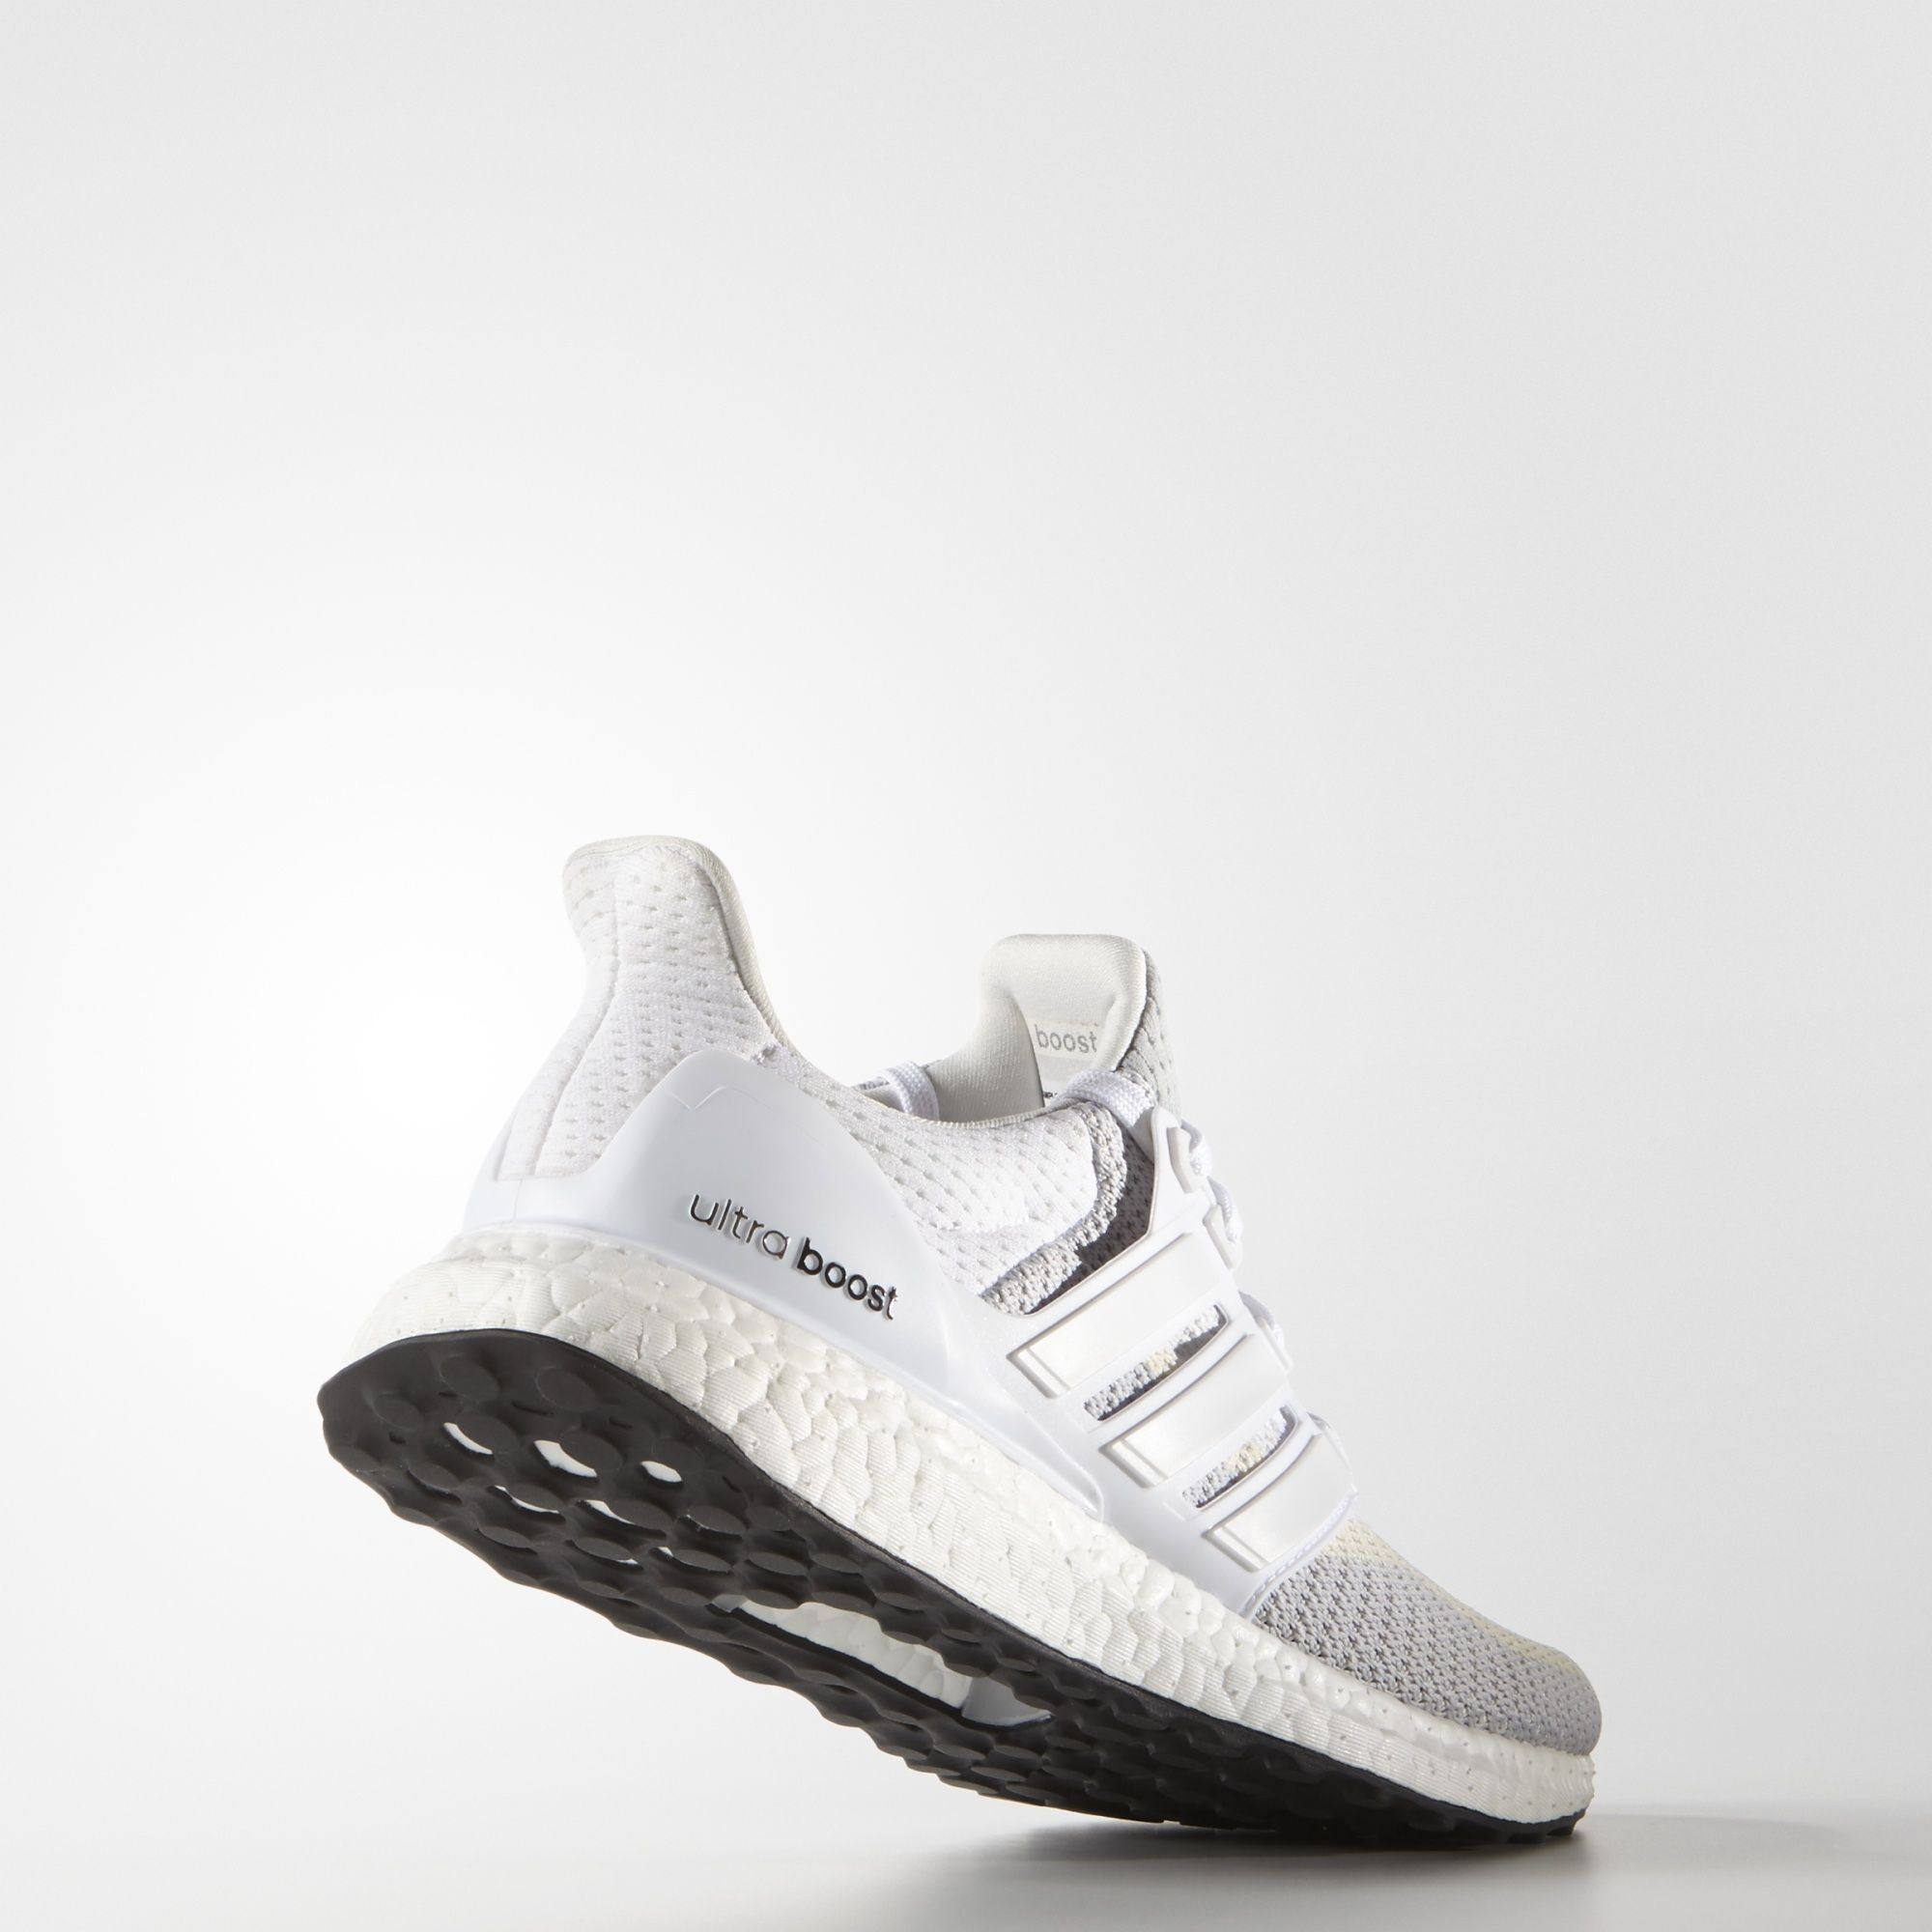 adidas UltraBOOST w in Weiß Grau